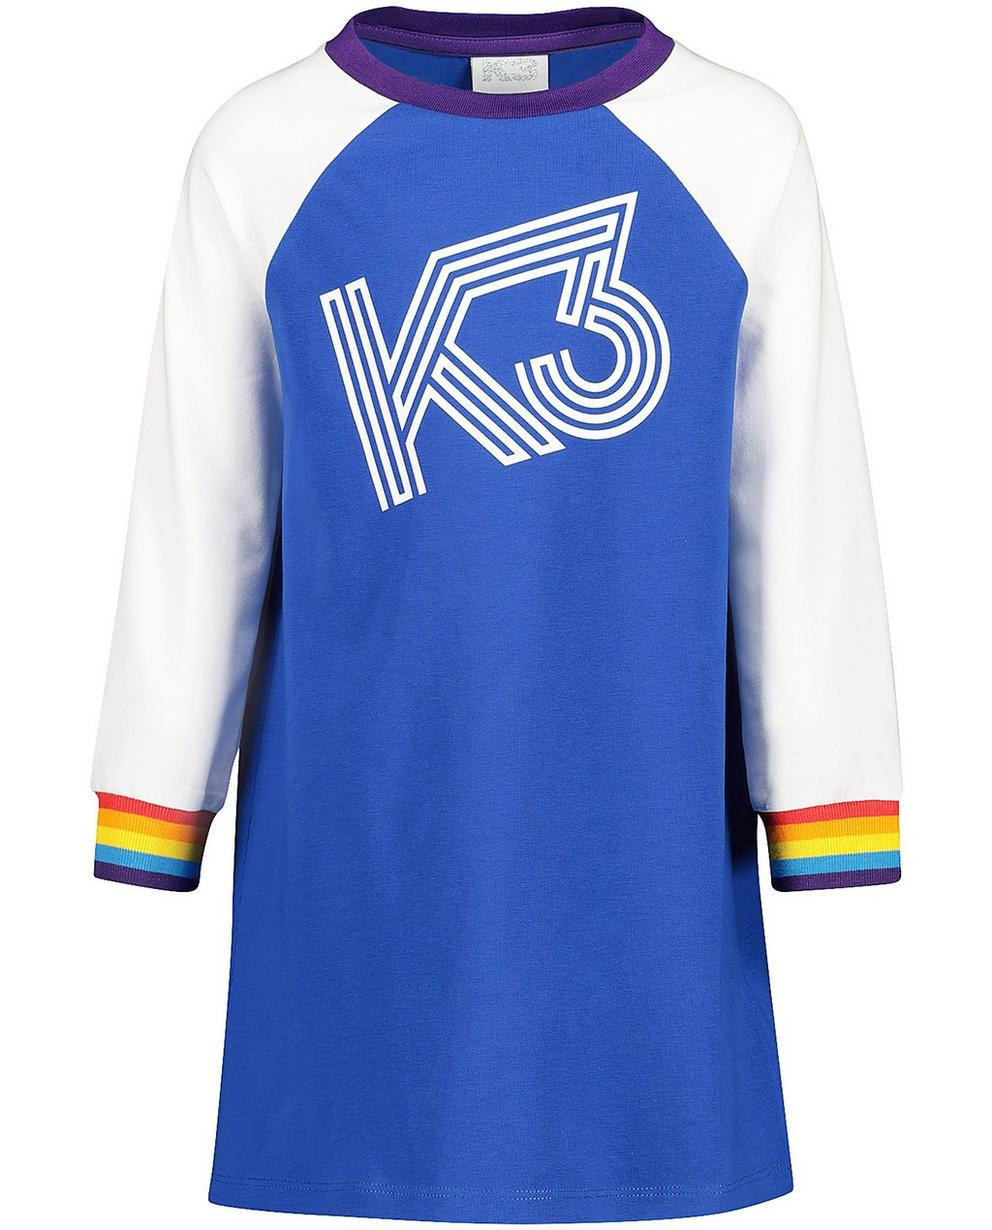 Kleid mit Aufschrift - K3 - K3